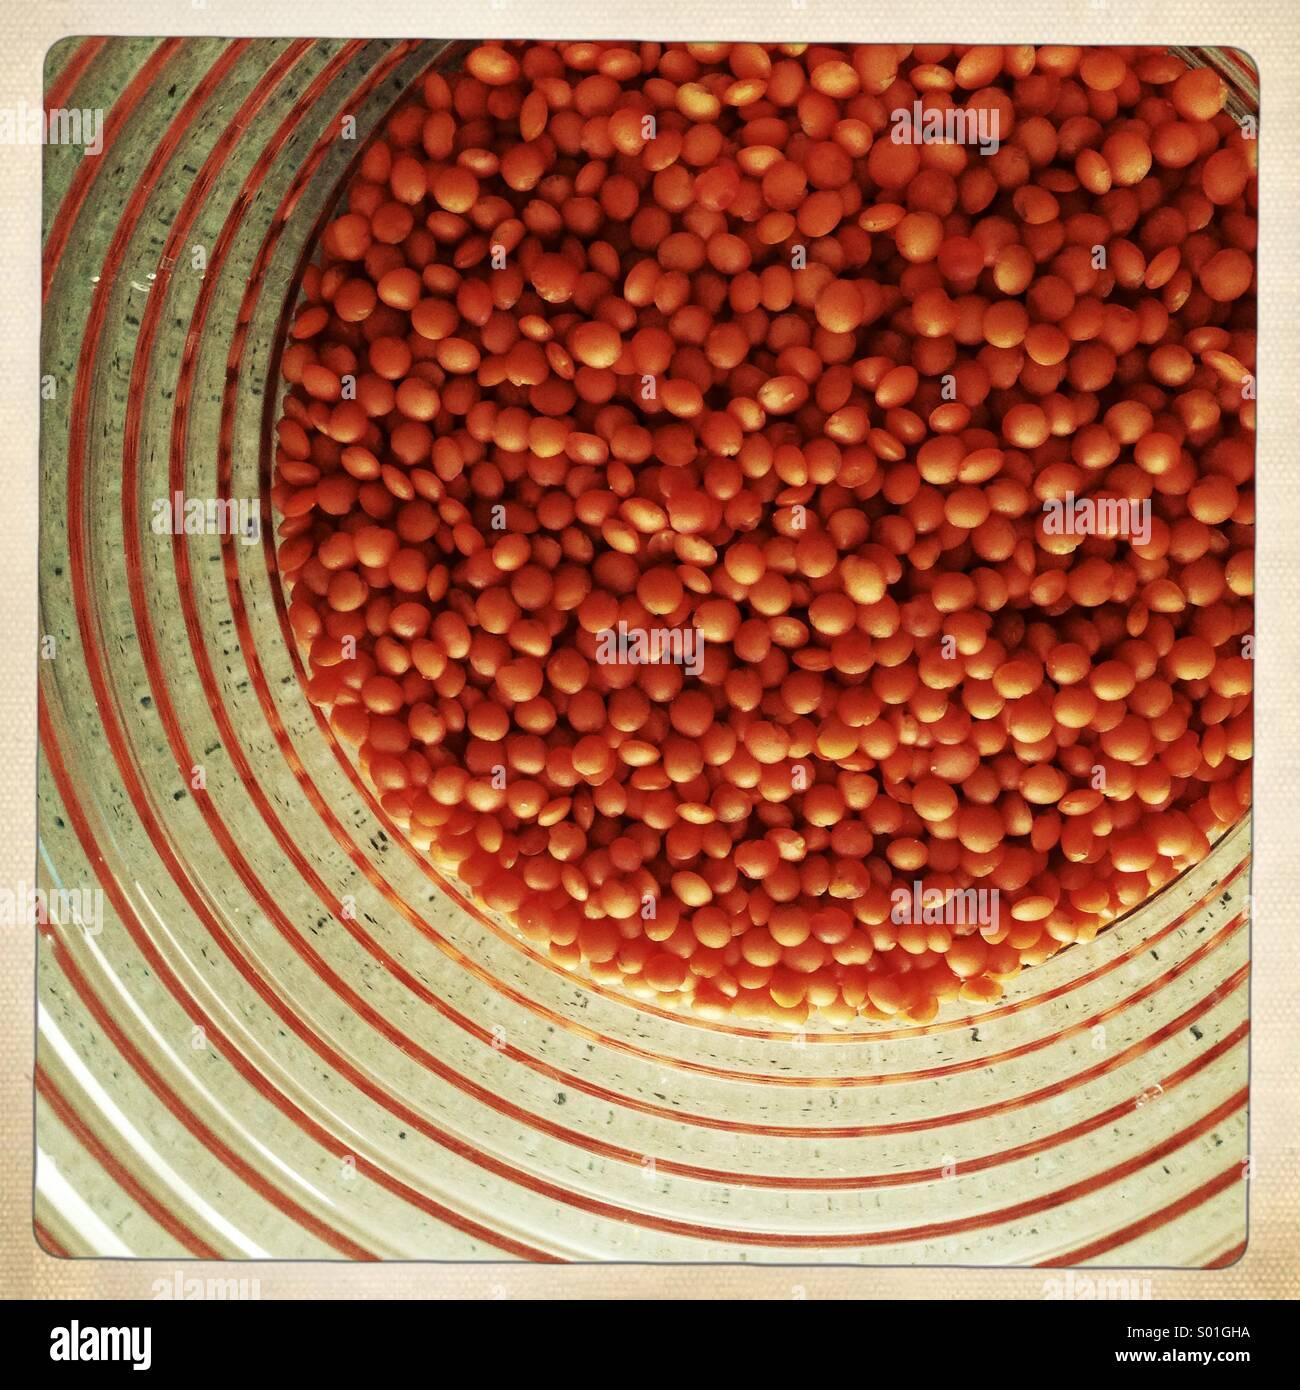 Lentejas rojas en una jarra Imagen De Stock